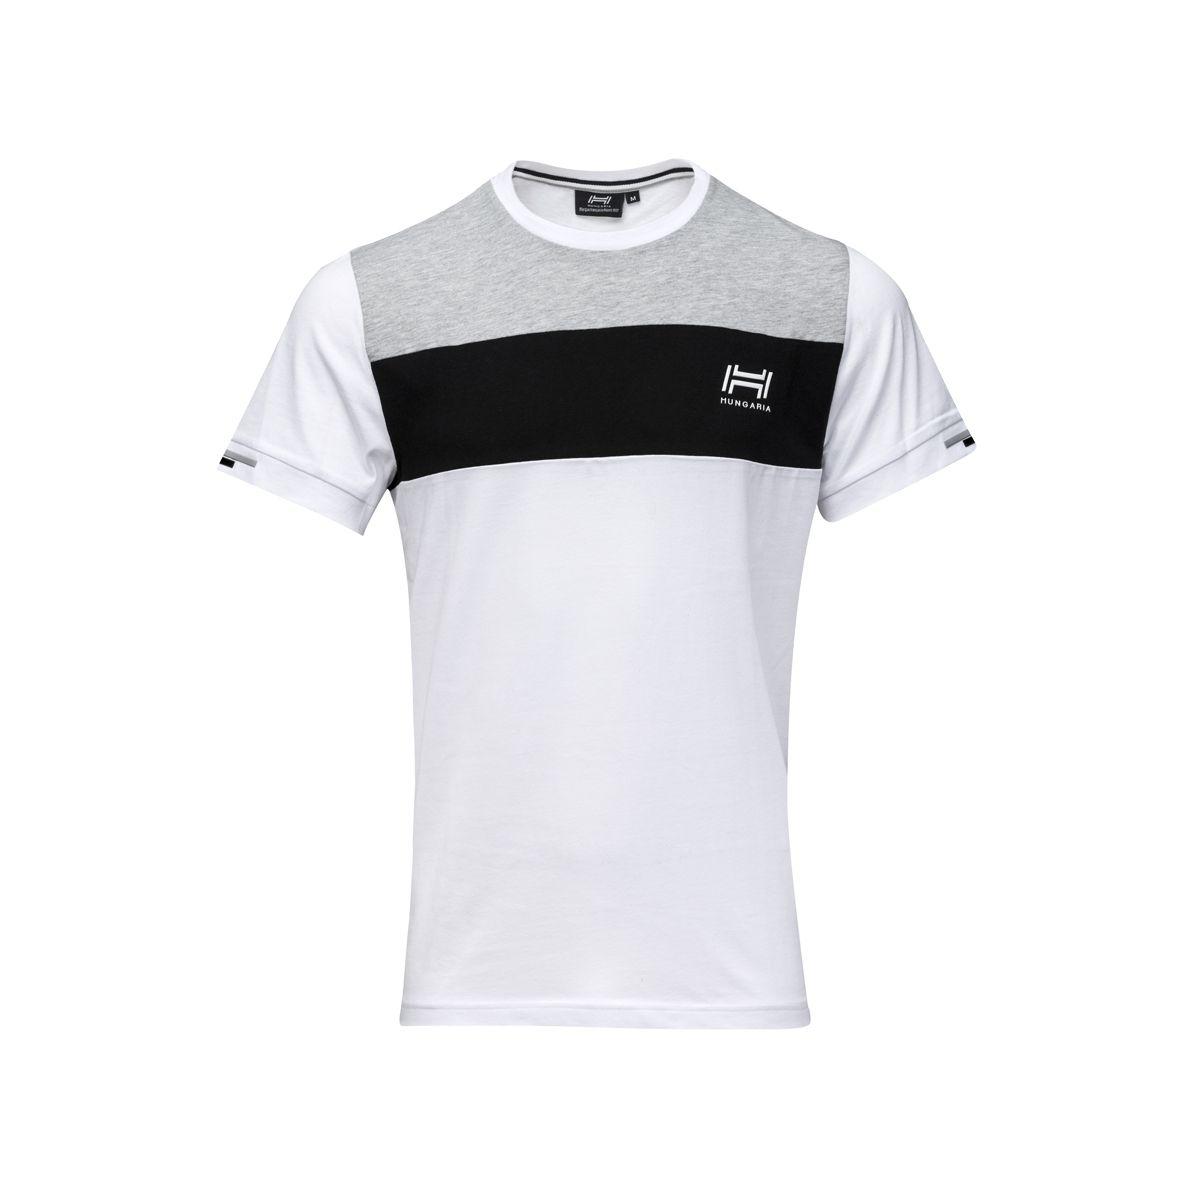 T-shirt / Débardeur  COTON Homme T-shirt Mrkos Homme